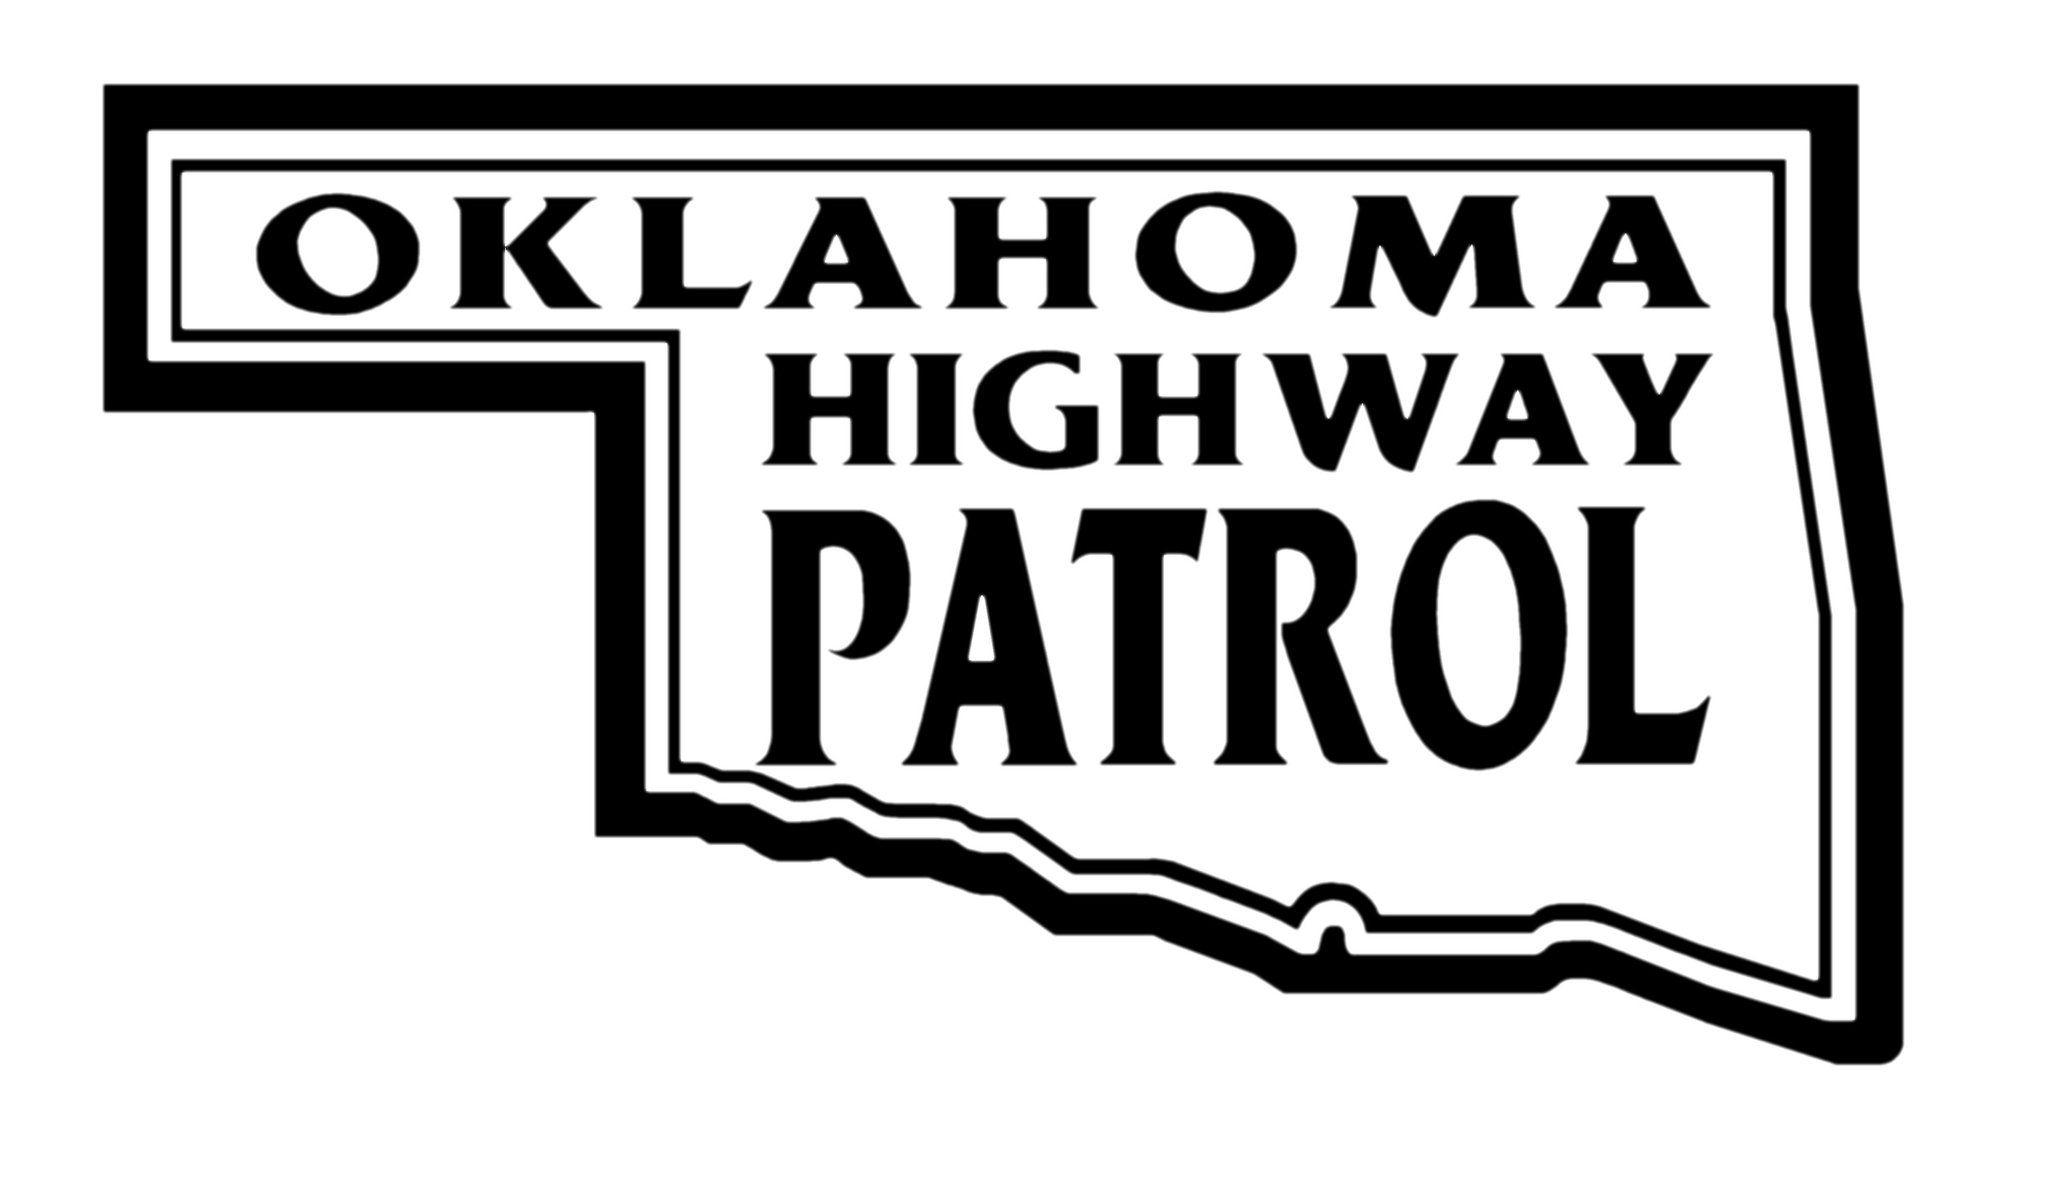 Oklahoma highway patrol michael morris condolence